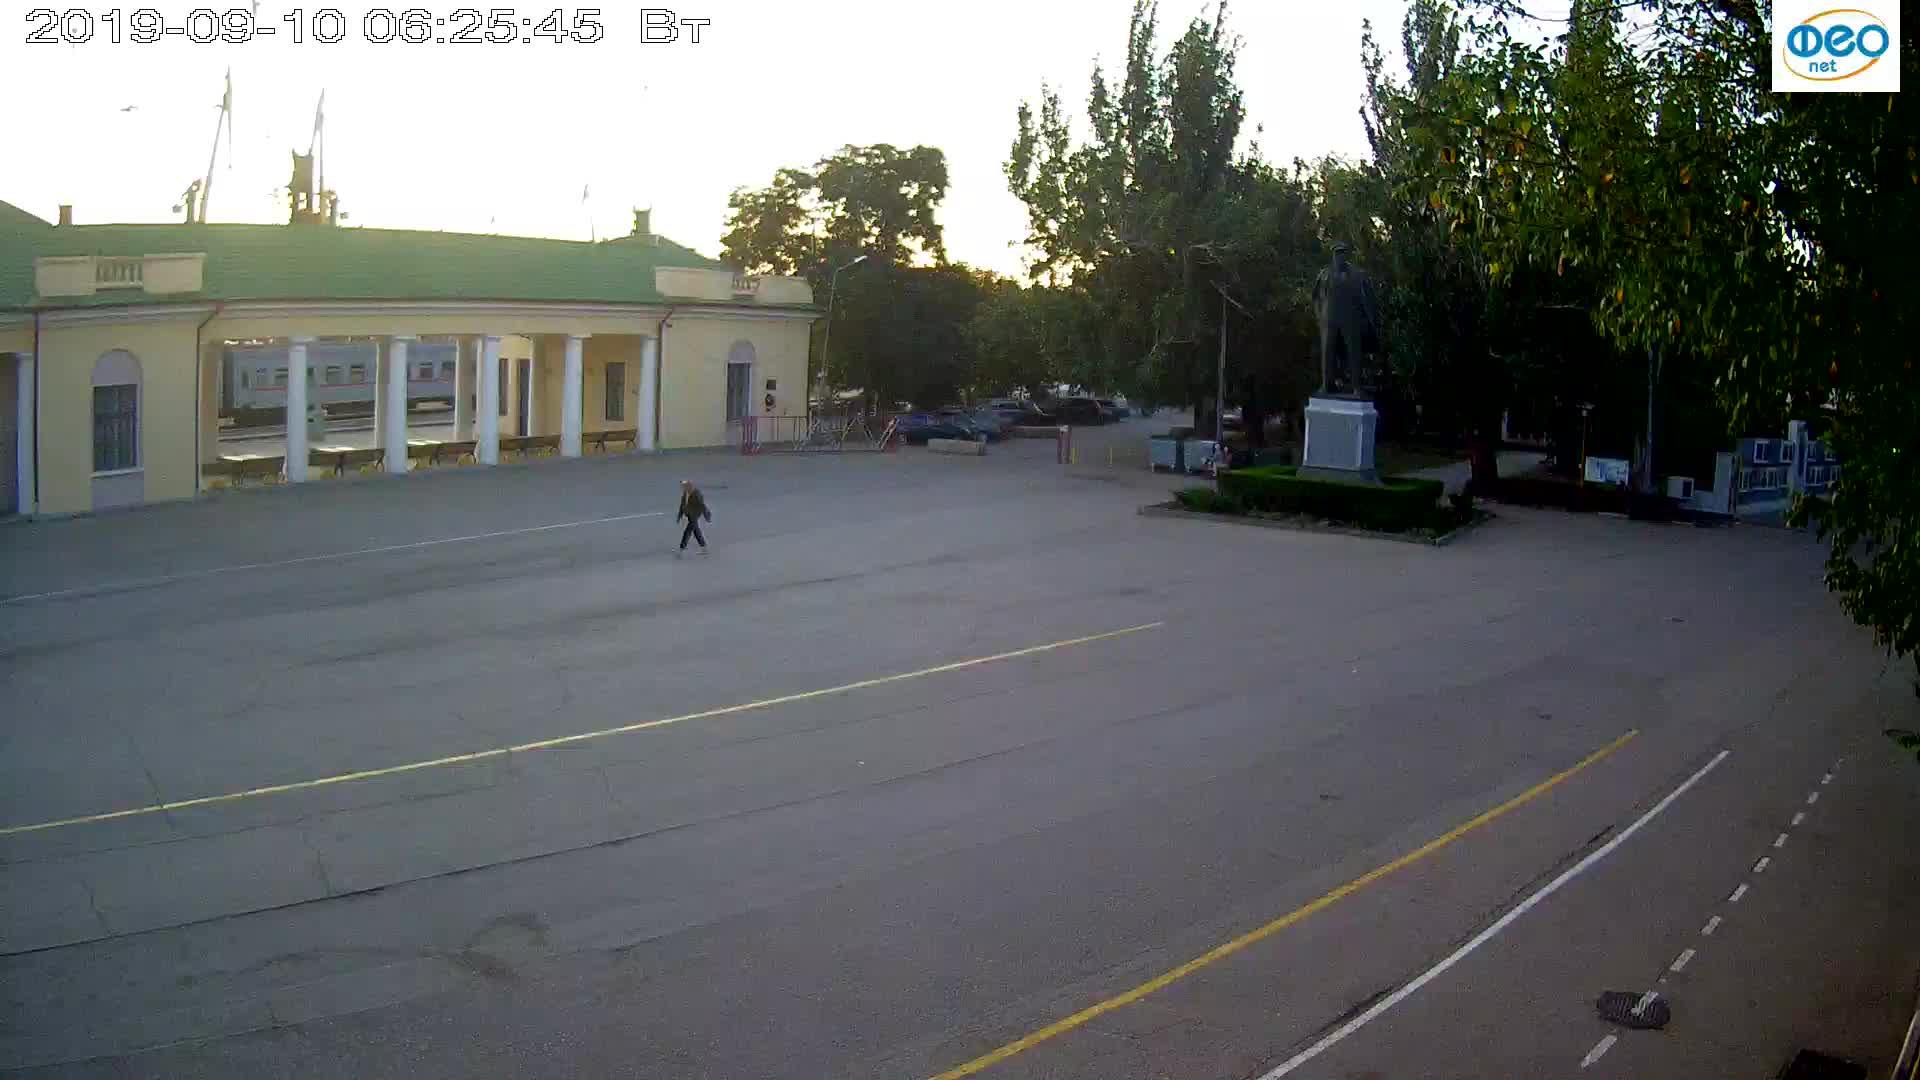 Веб-камеры Феодосии, Привокзальная площадь 2, 2019-09-10 06:13:09